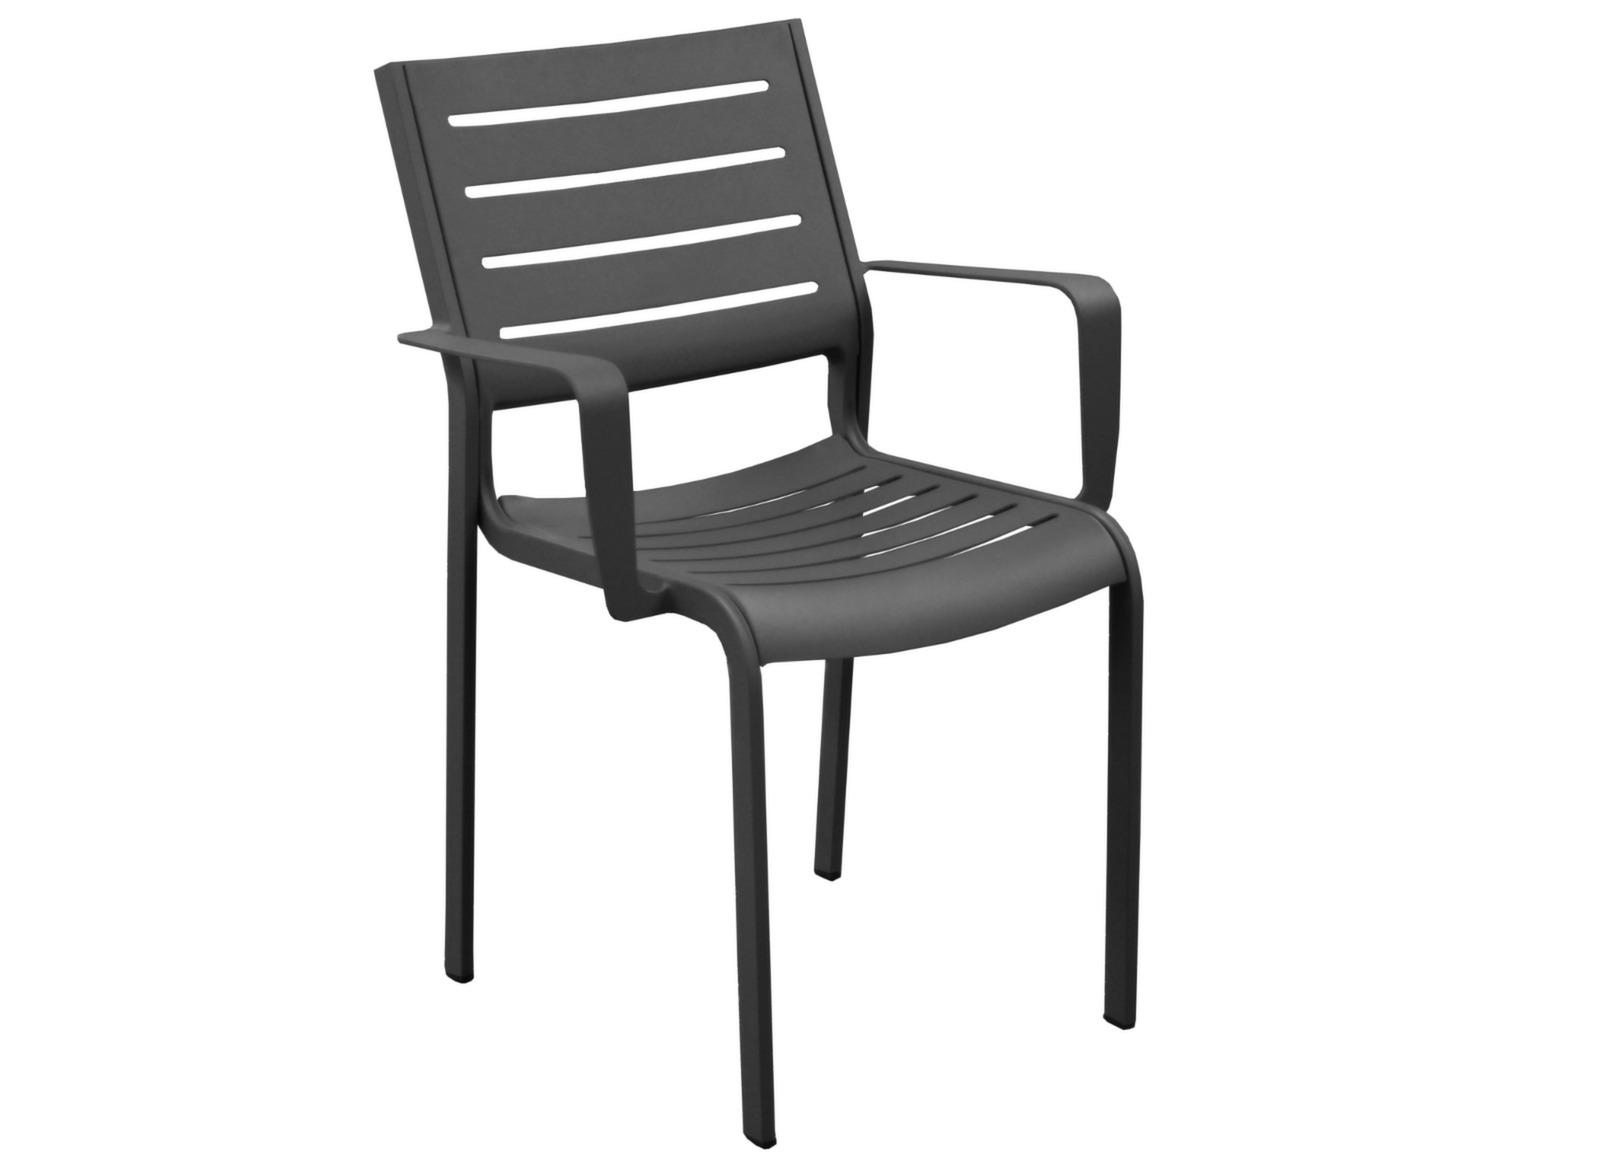 fauteuil belhara soldes meubles de jardin pour le repas mobilier oc o et proloisirs. Black Bedroom Furniture Sets. Home Design Ideas